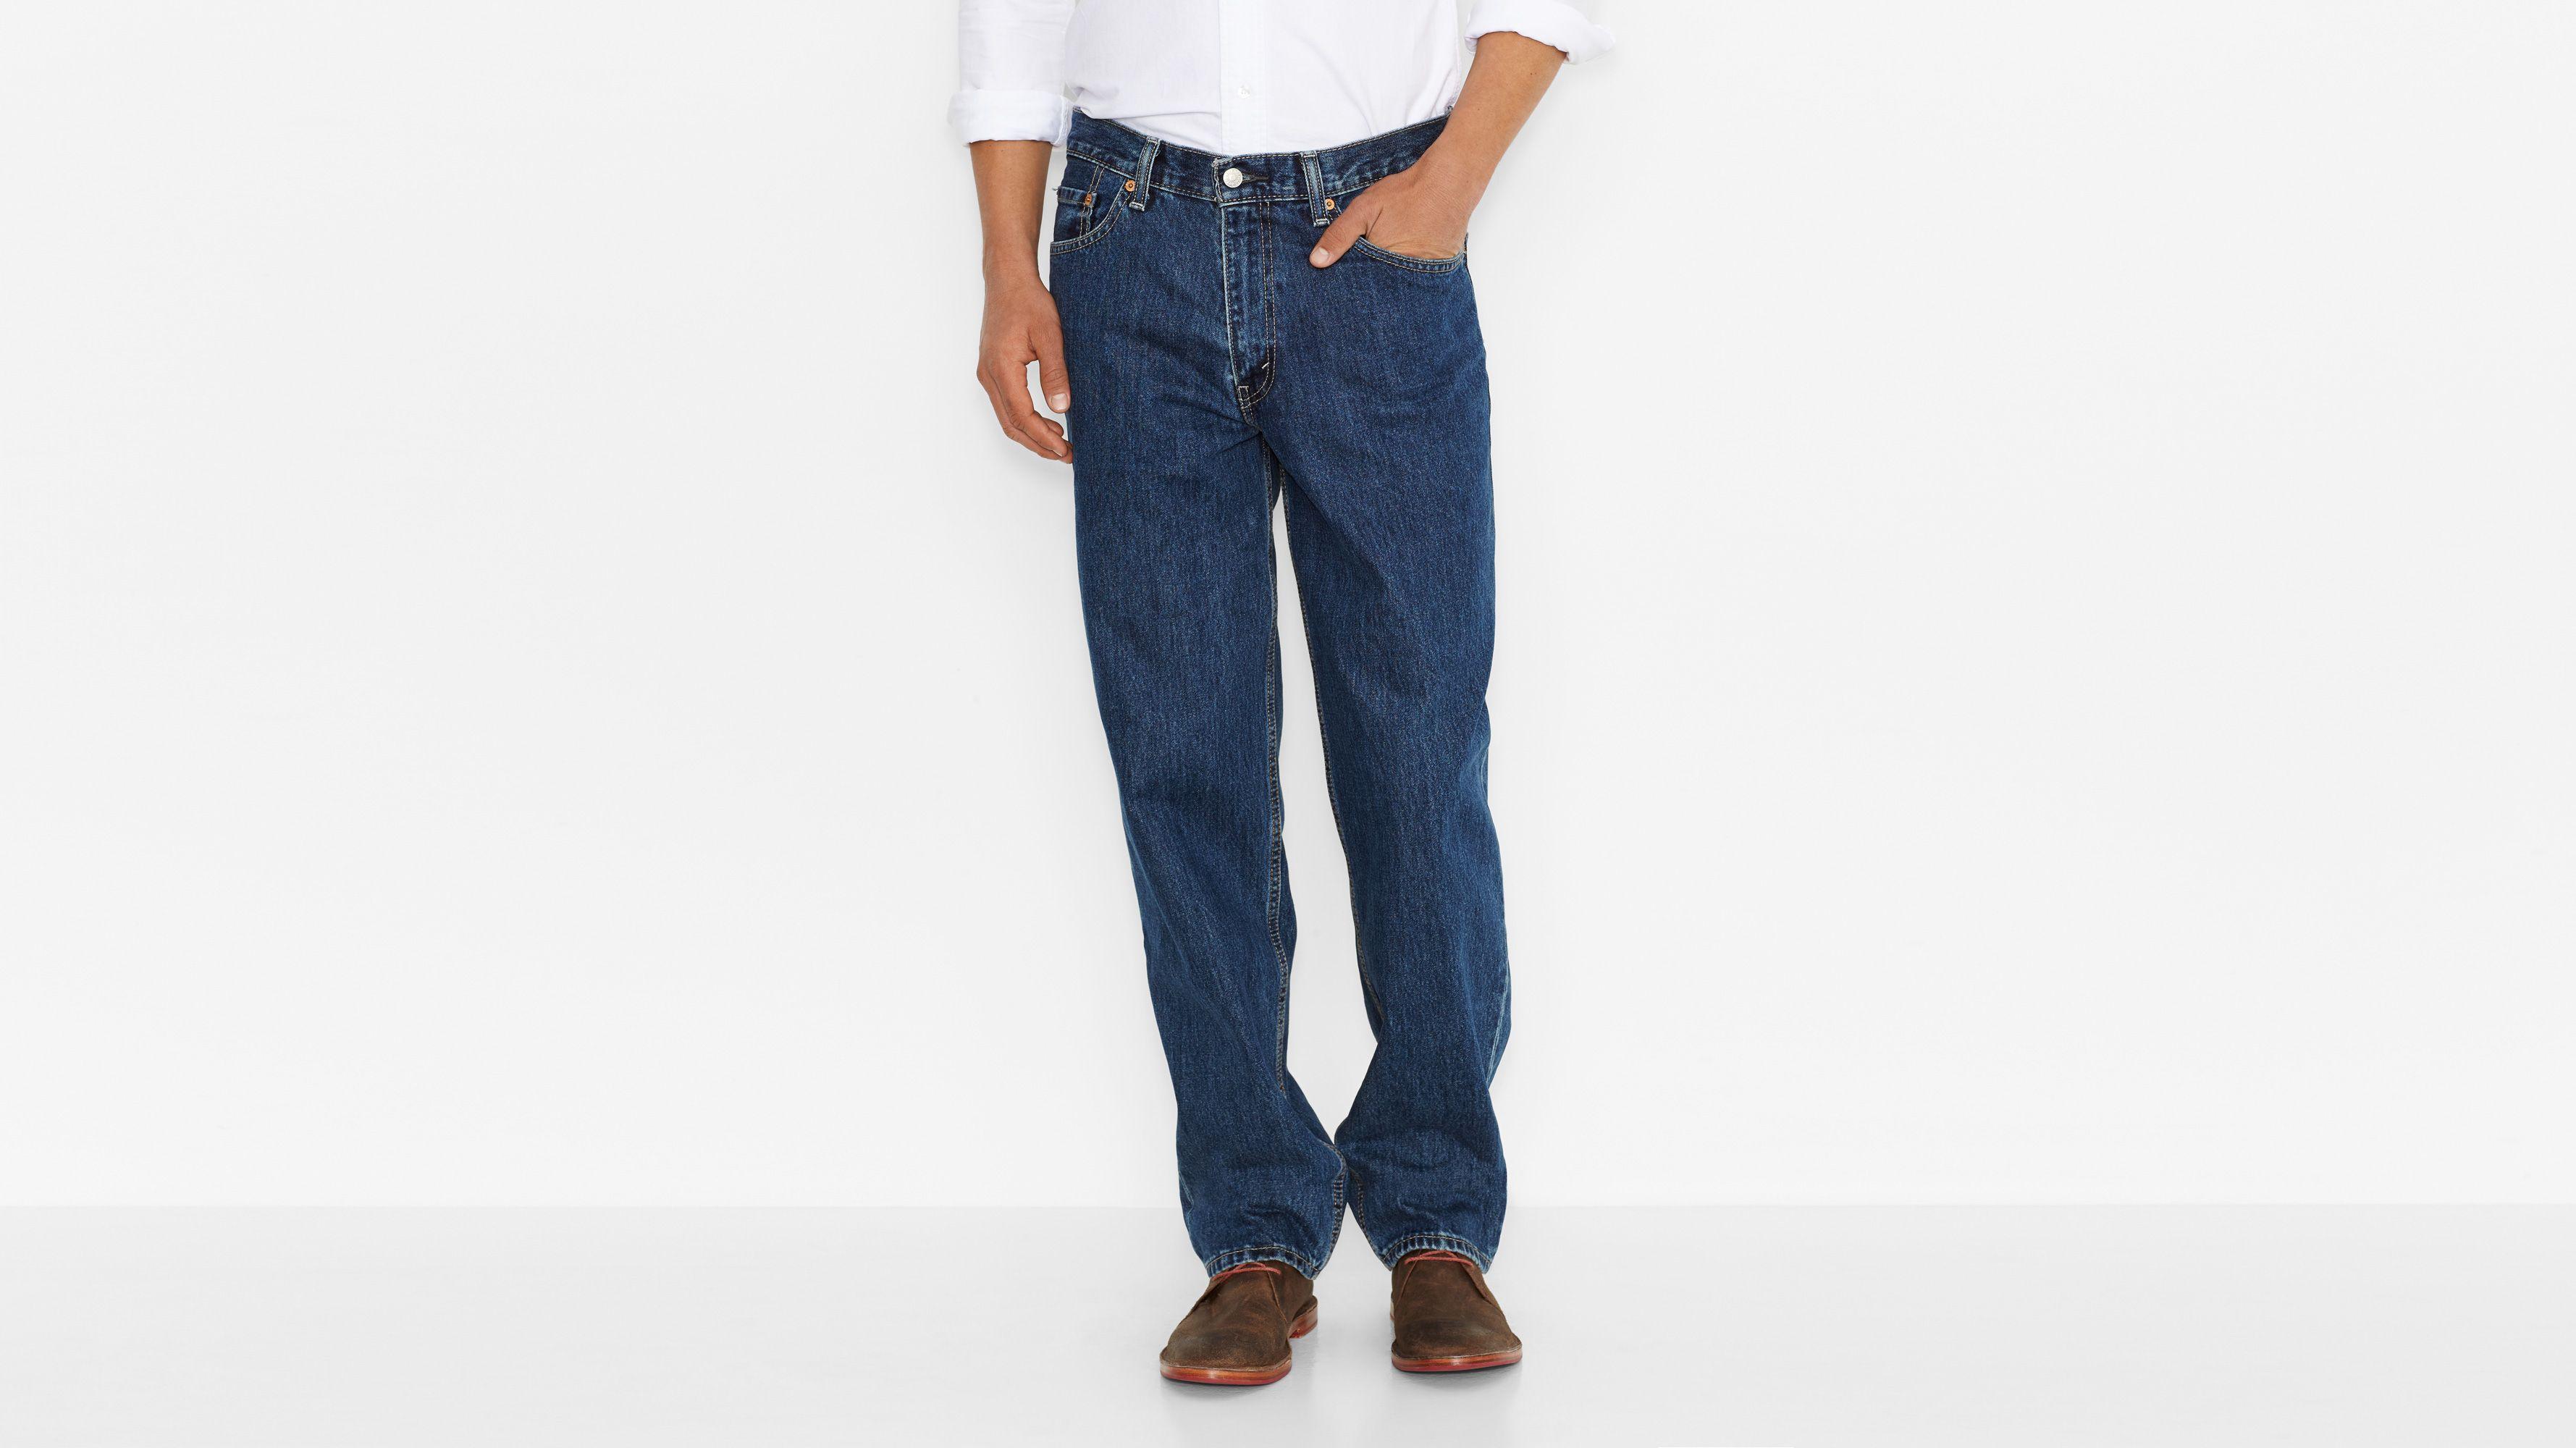 560™ Comfort Fit Jeans - Dark Stonewash